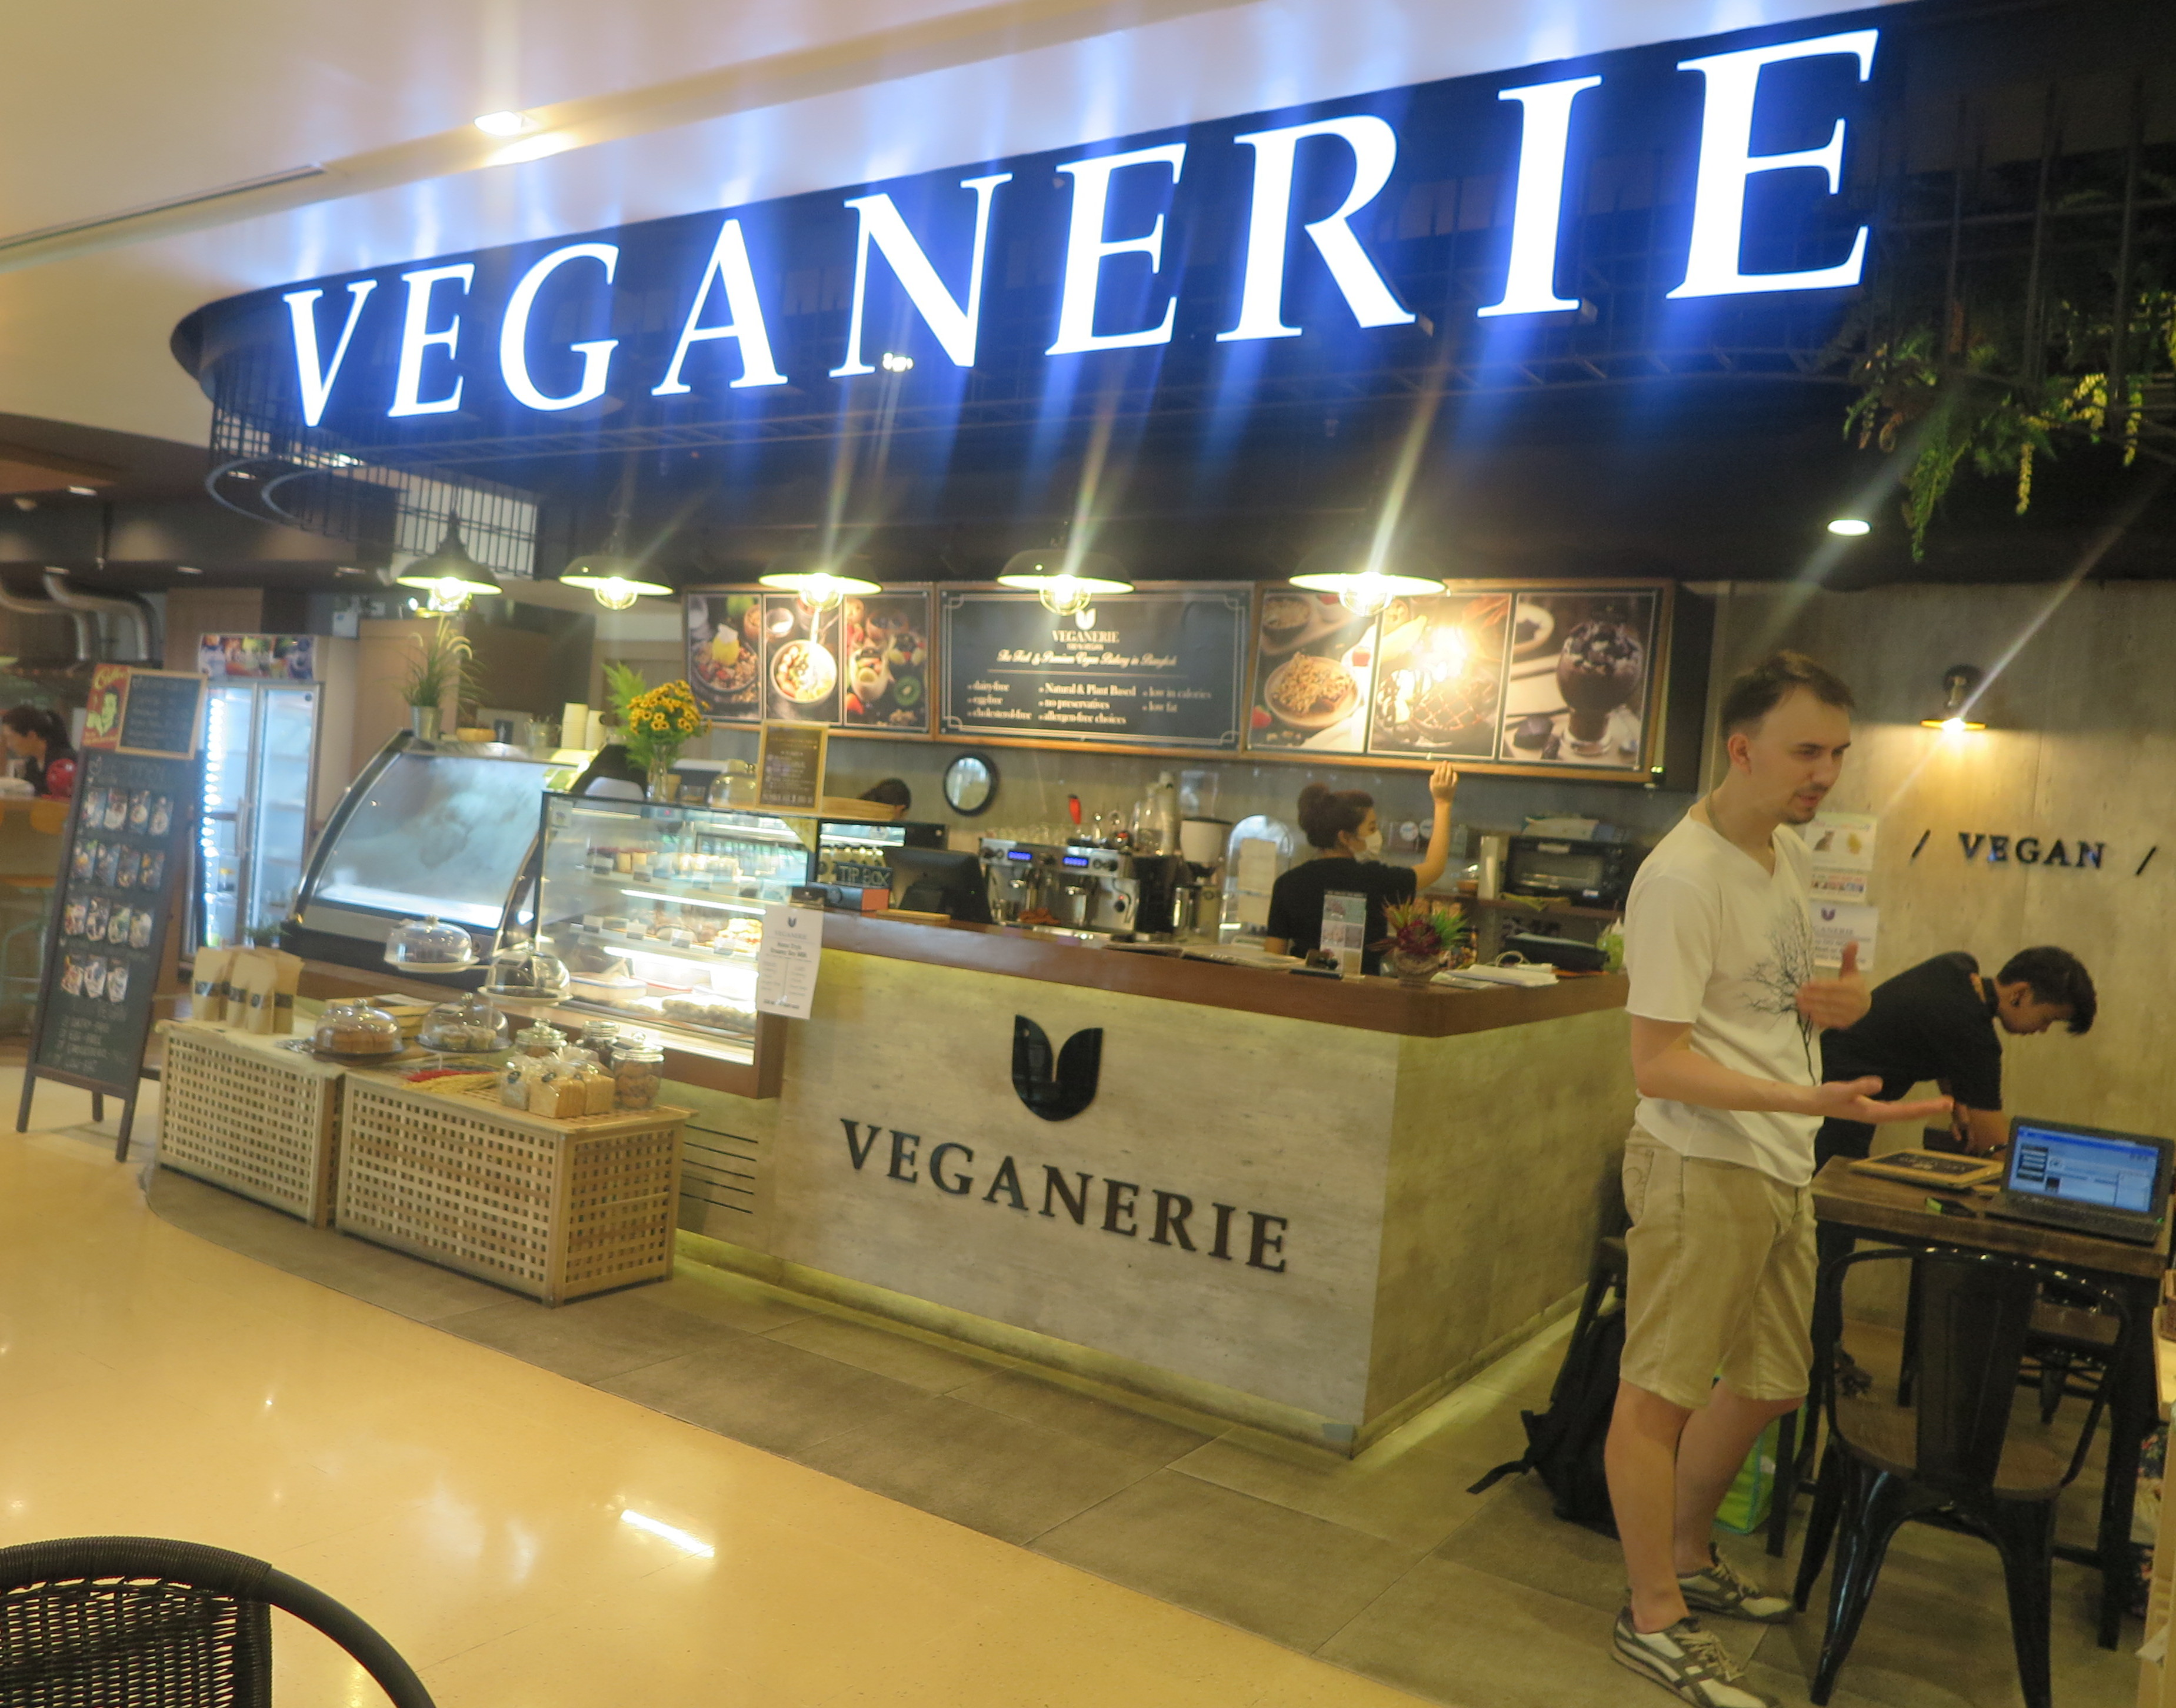 День 2. Бронирование отеля в Таиланде, знакомство с директором Veganerie и поиск жилья.